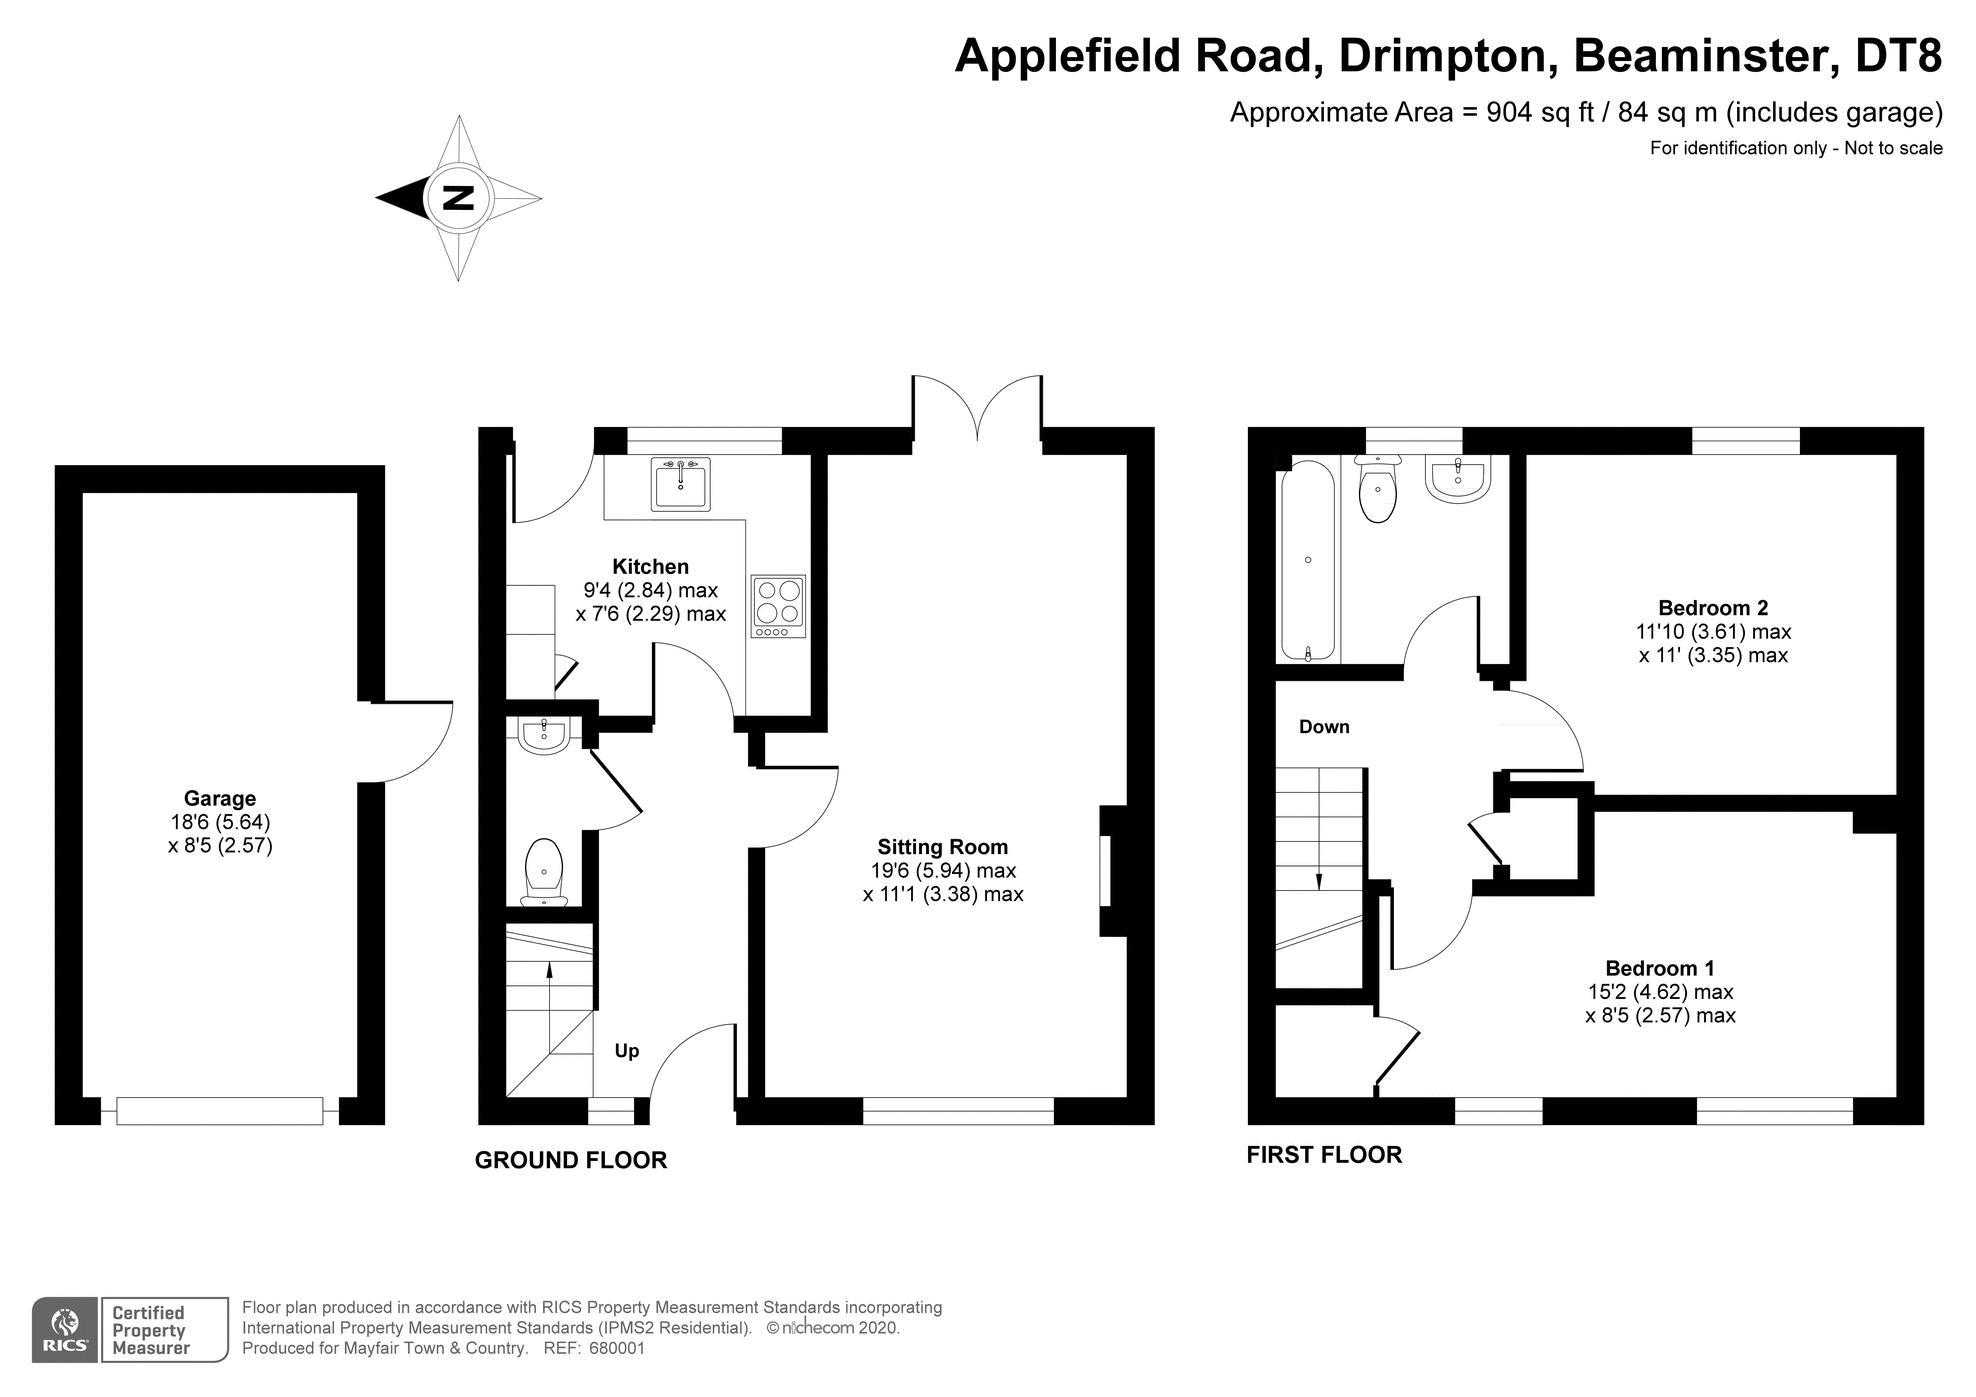 Applefield Road Drimpton